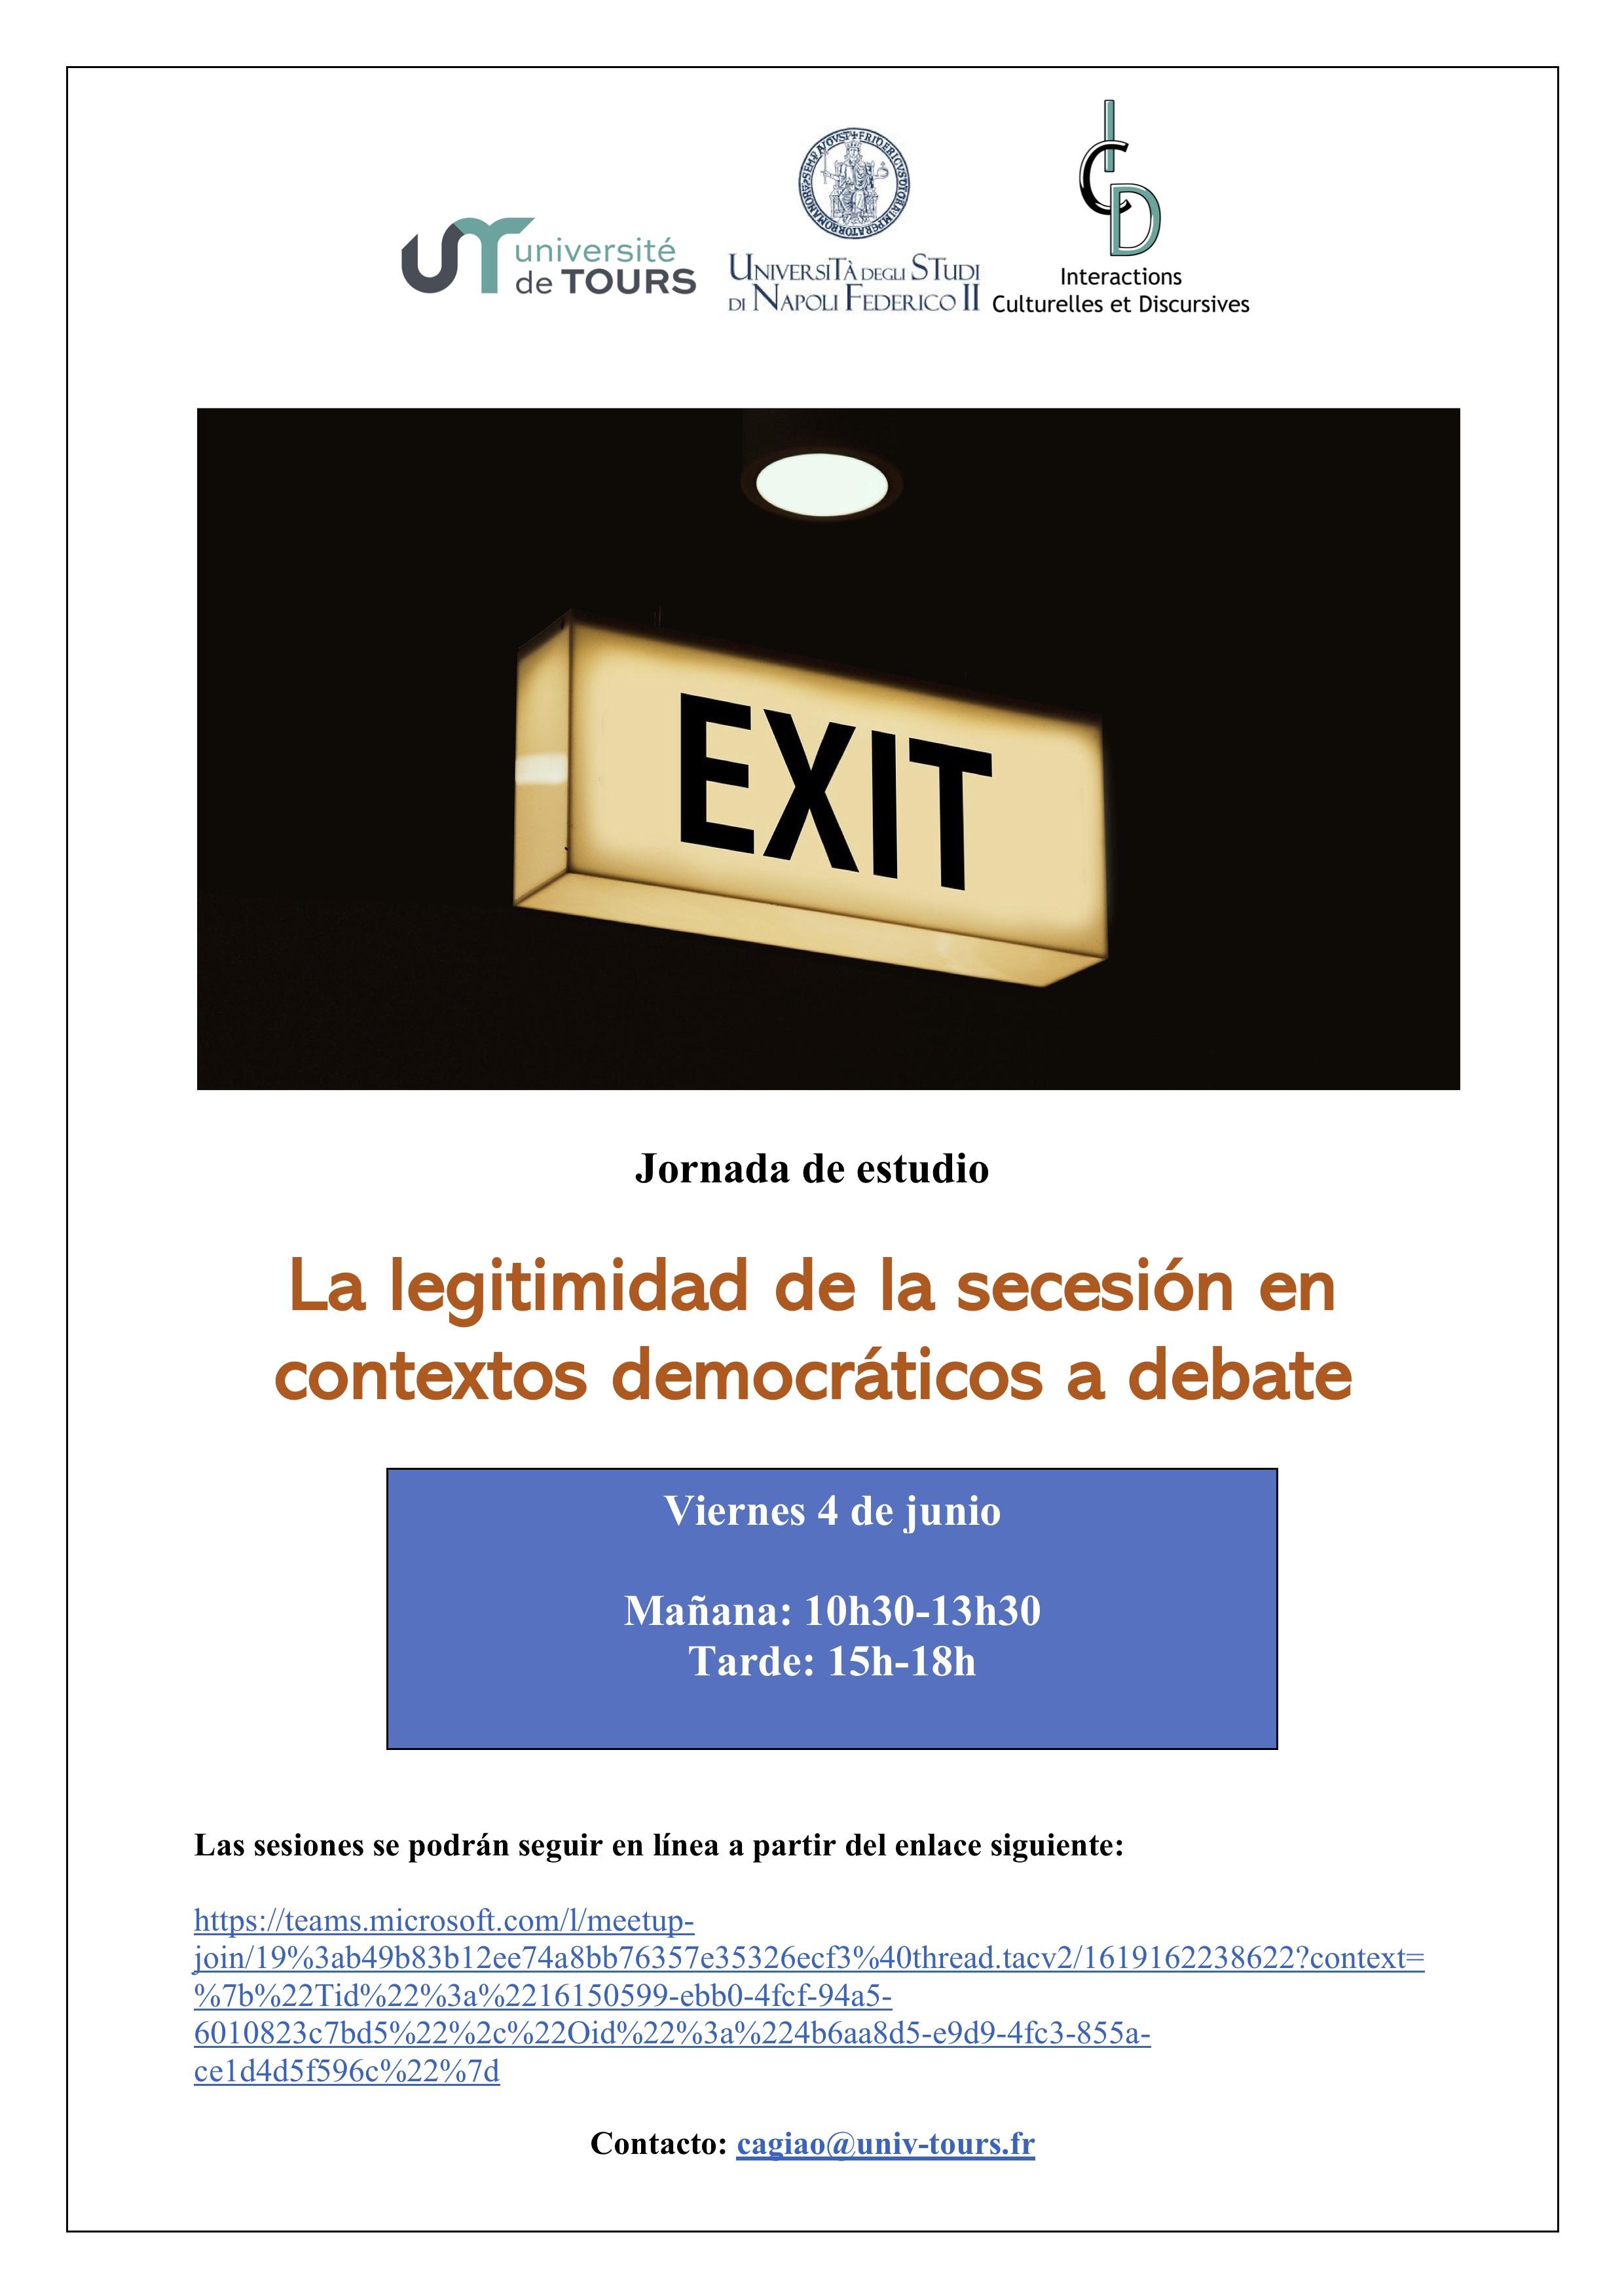 Affiche 4 juin Jorge